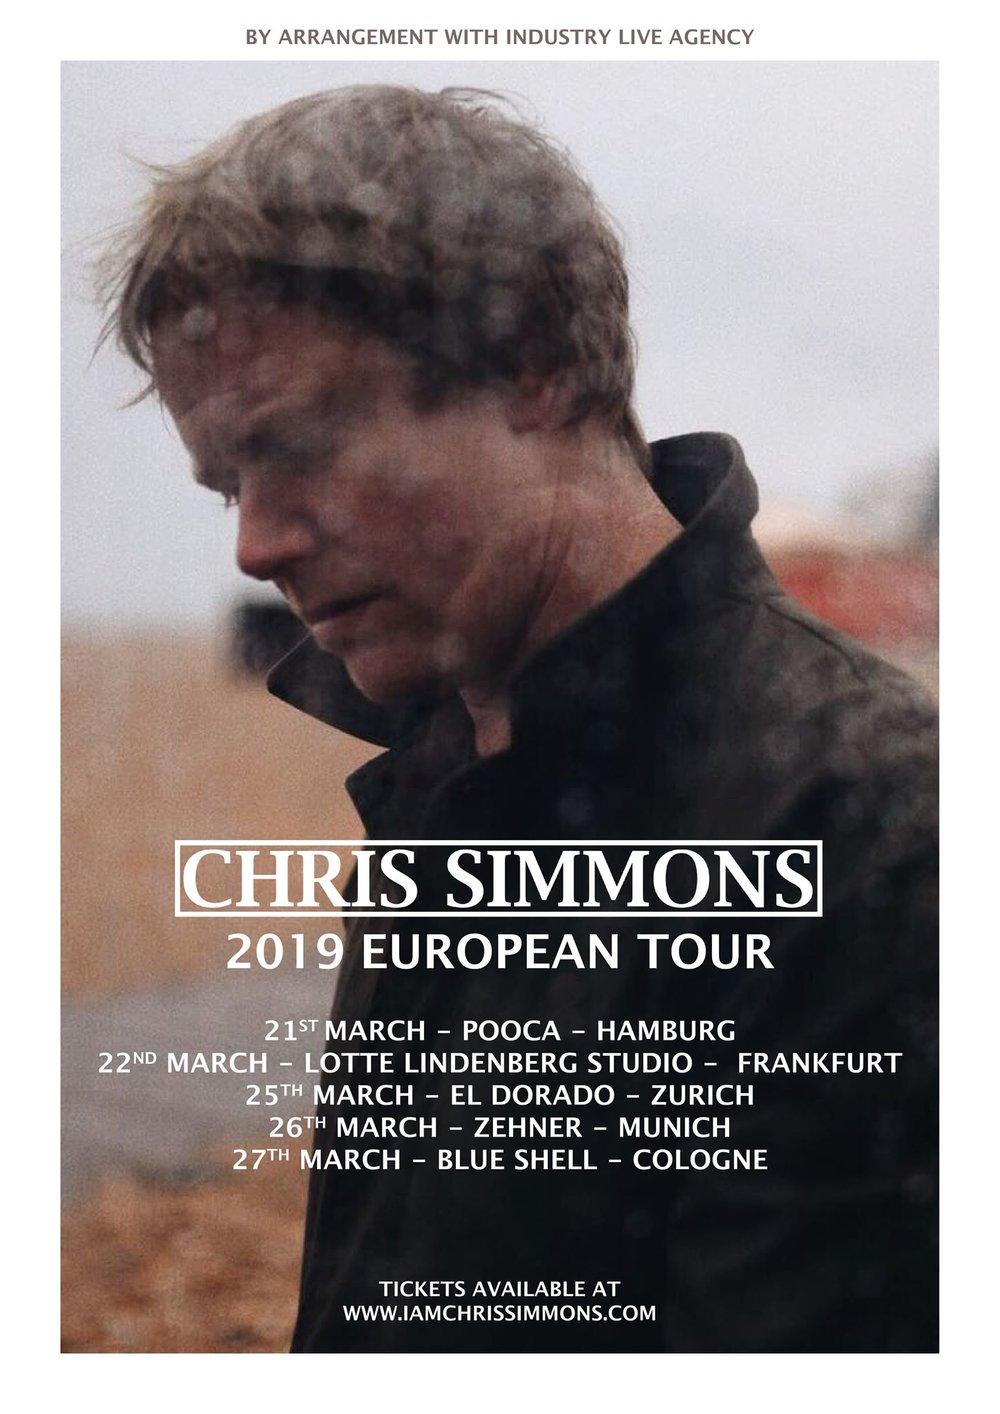 ChrisSimmonsEU_Tour.jpg